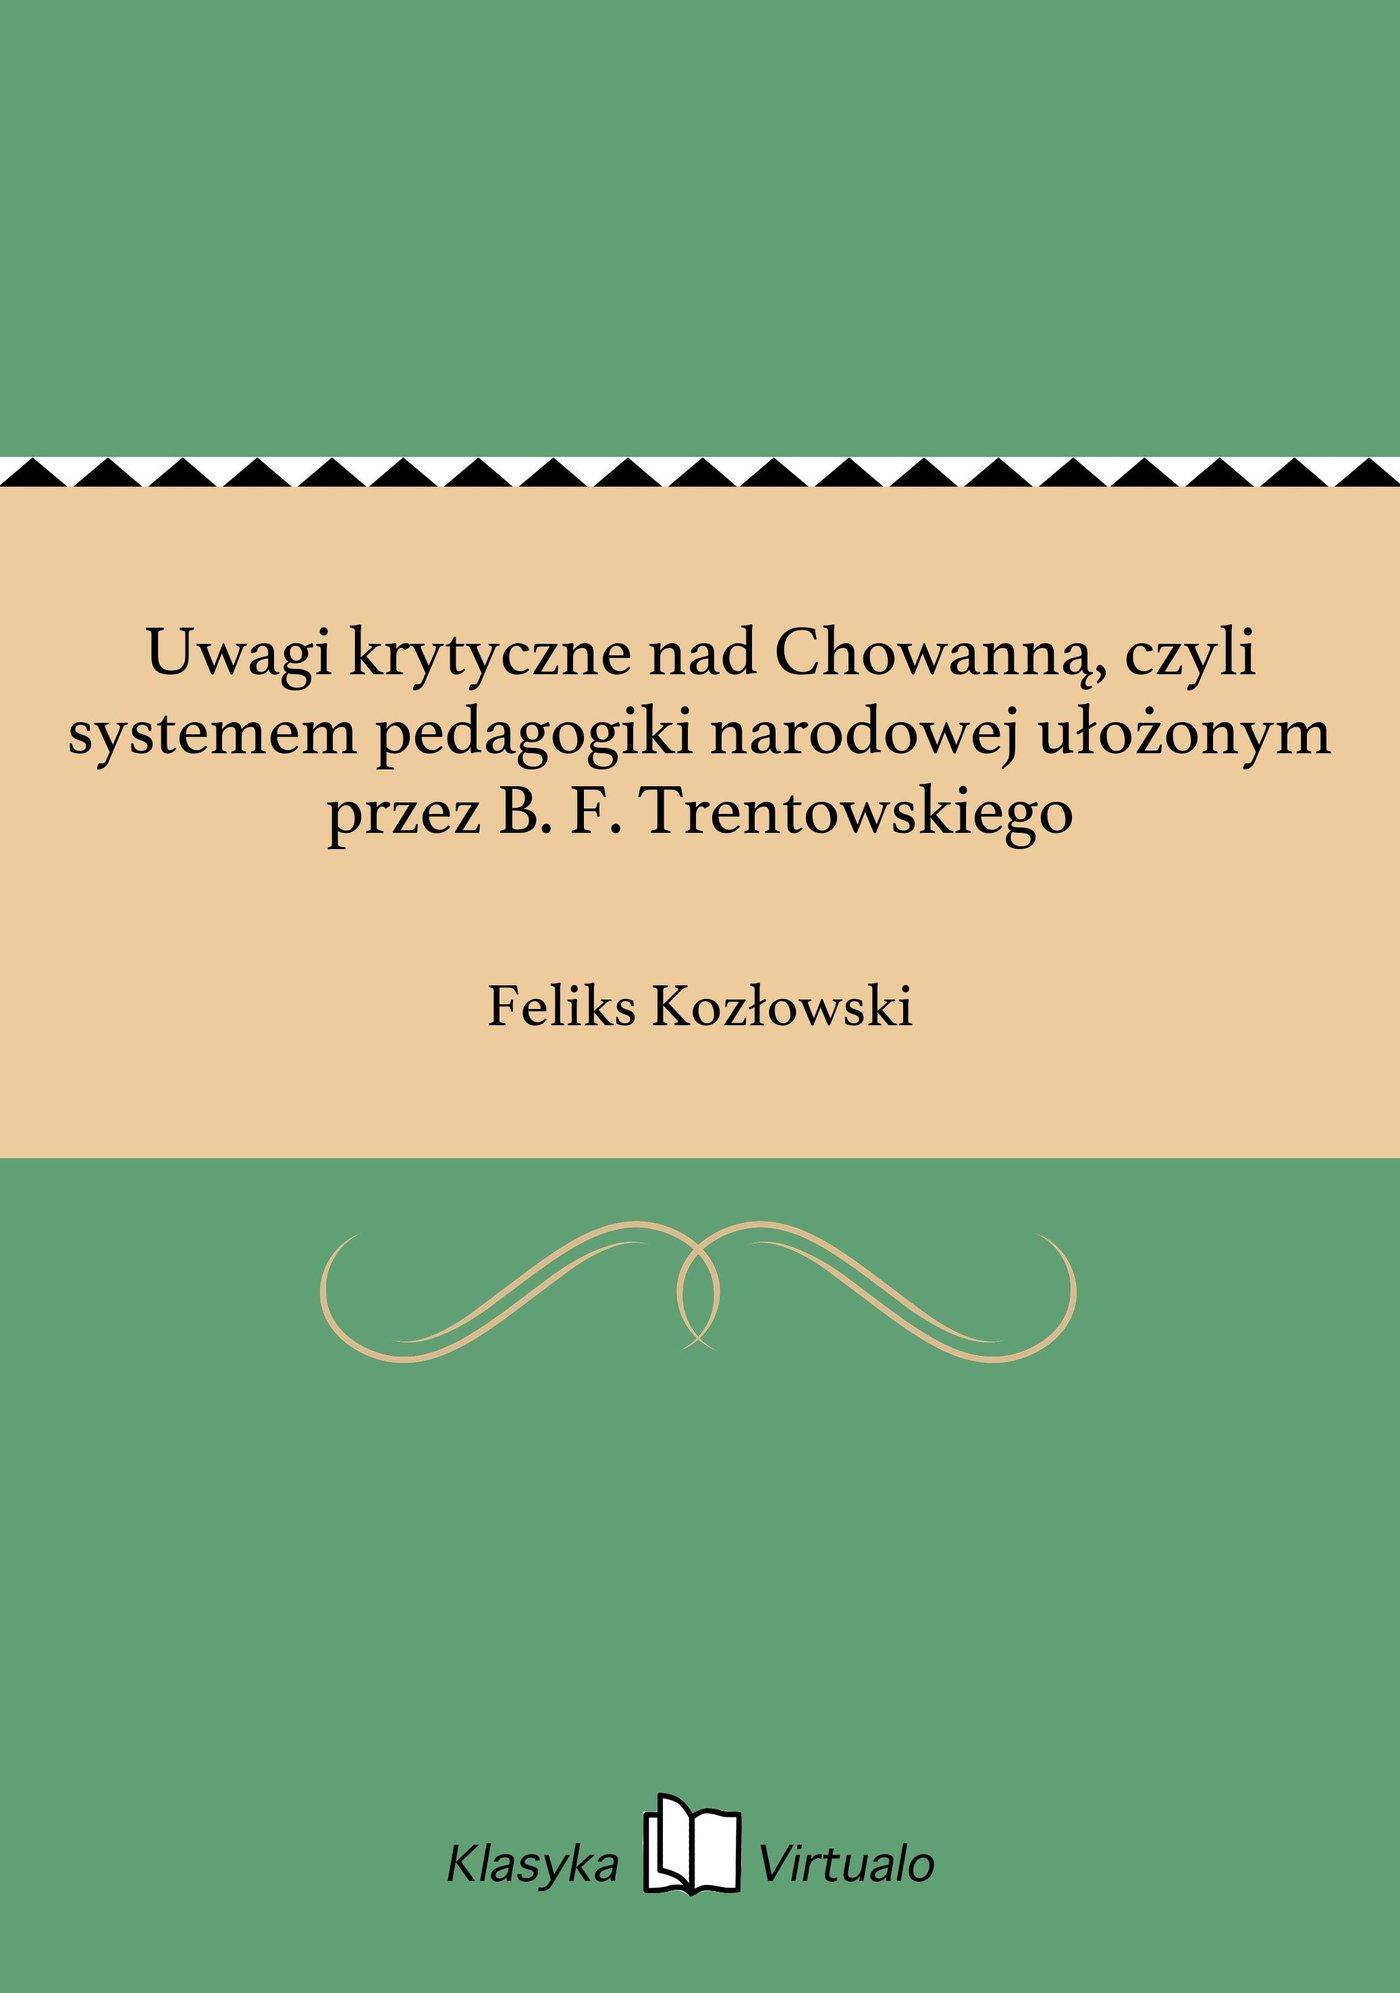 Uwagi krytyczne nad Chowanną, czyli systemem pedagogiki narodowej ułożonym przez B. F. Trentowskiego - Ebook (Książka na Kindle) do pobrania w formacie MOBI